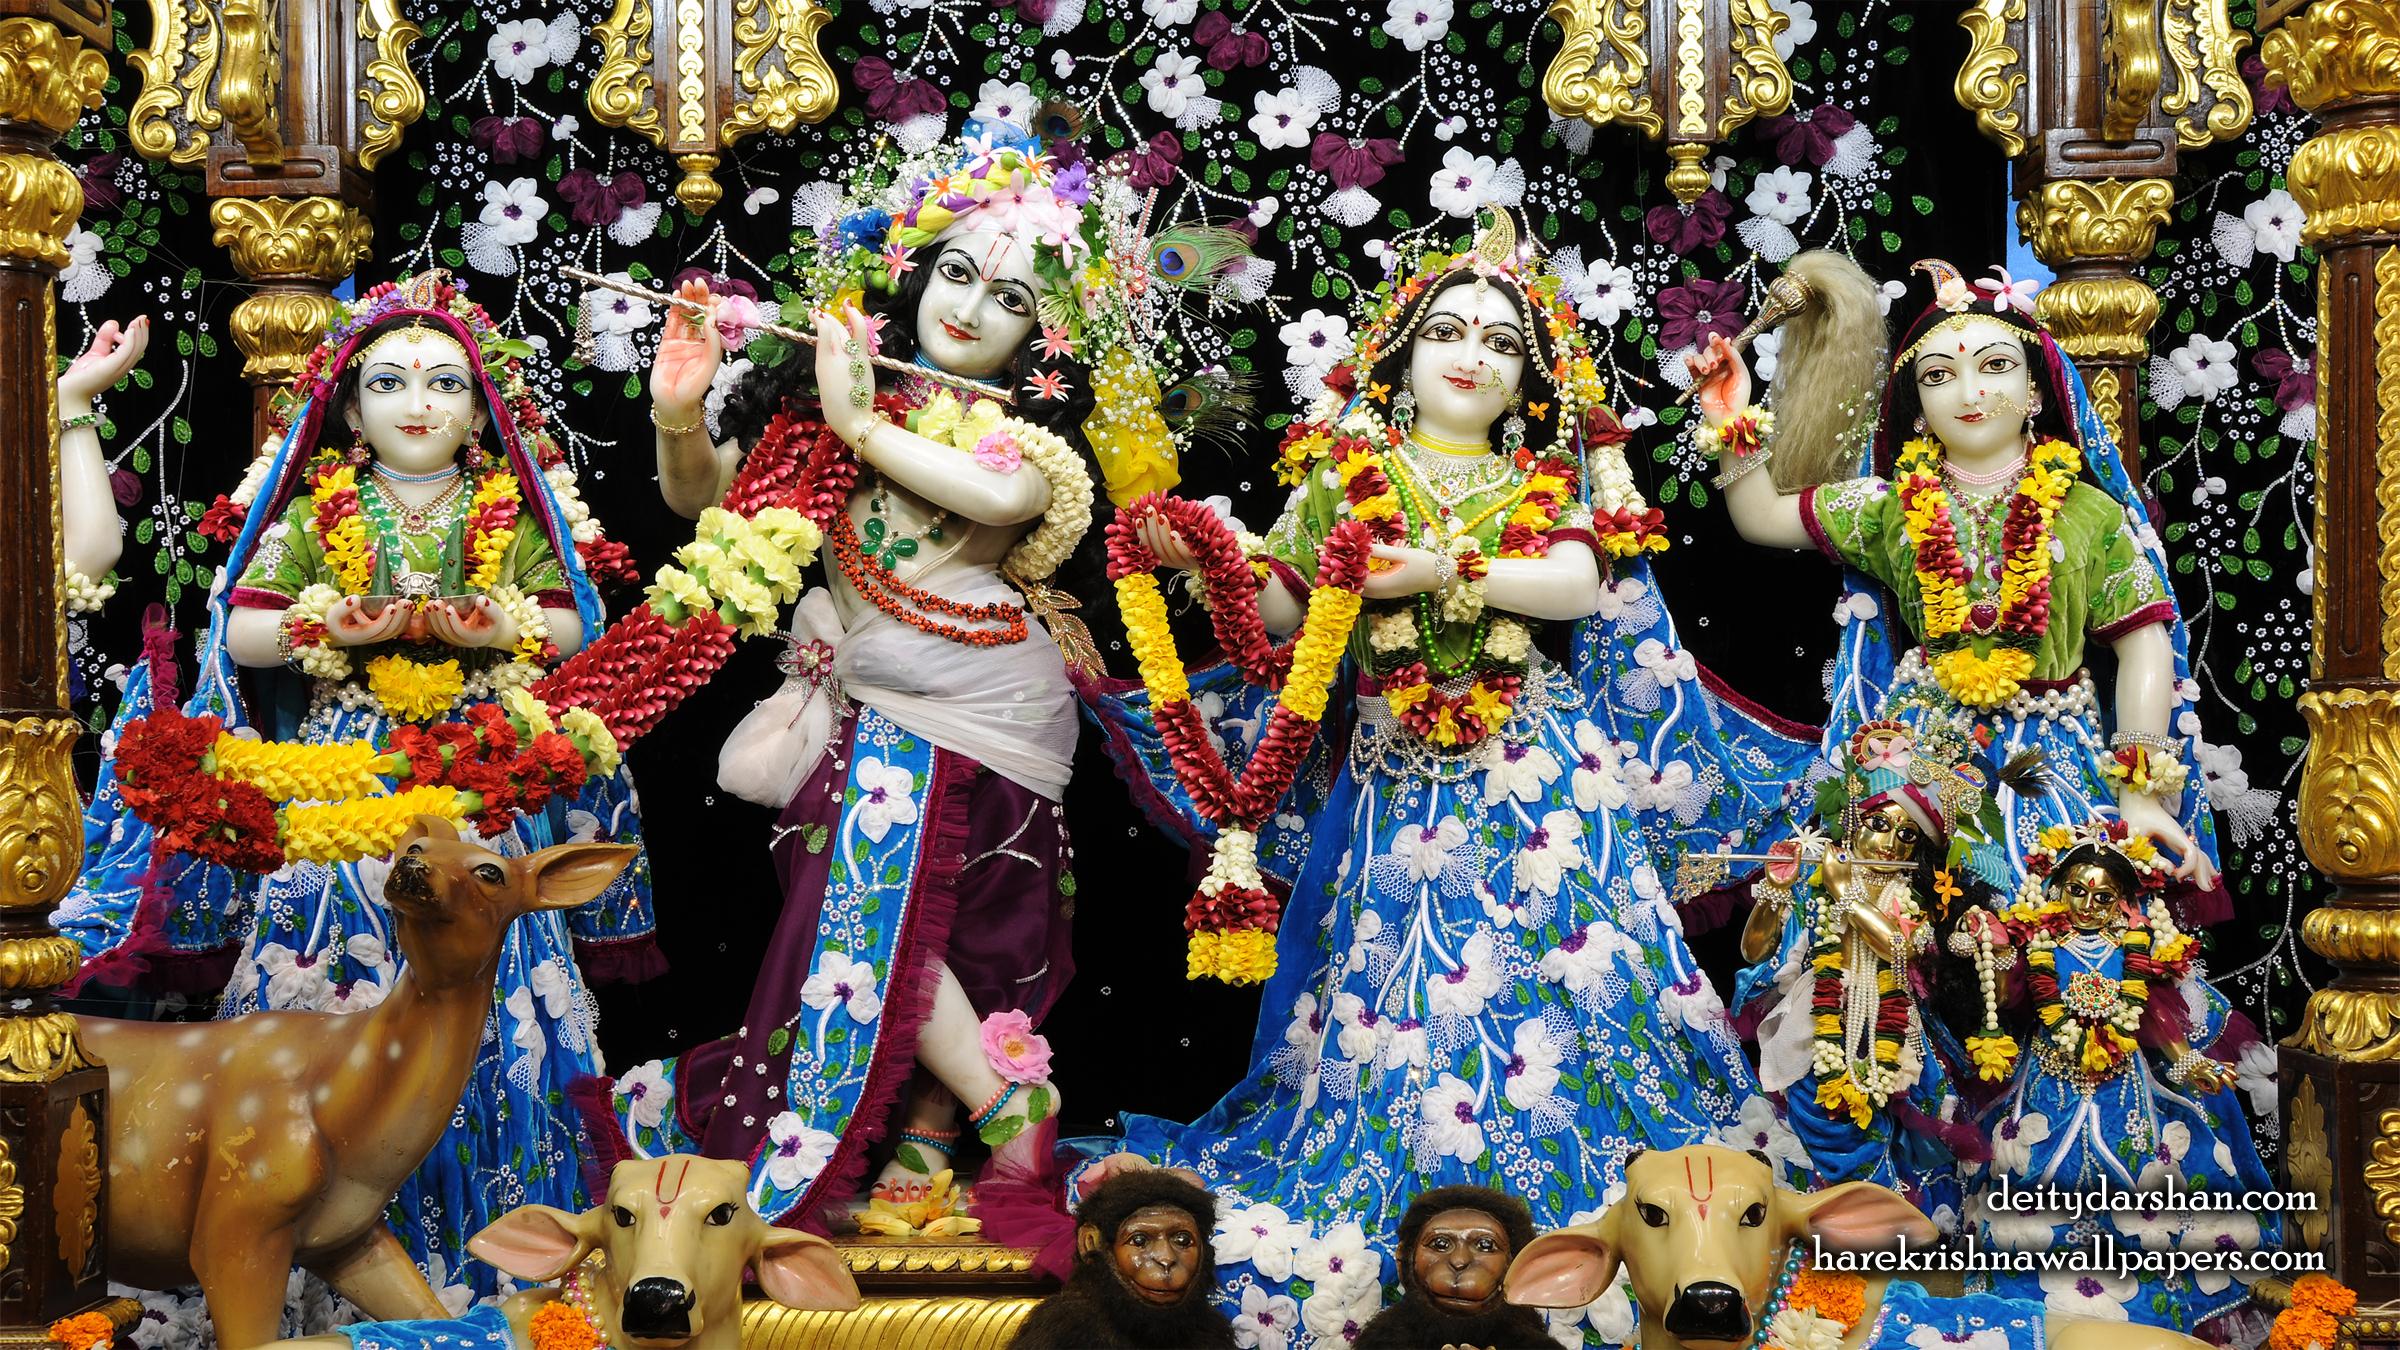 Sri Sri Radha Gopinath Lalita Vishakha Wallpaper (058) Size 2400x1350 Download